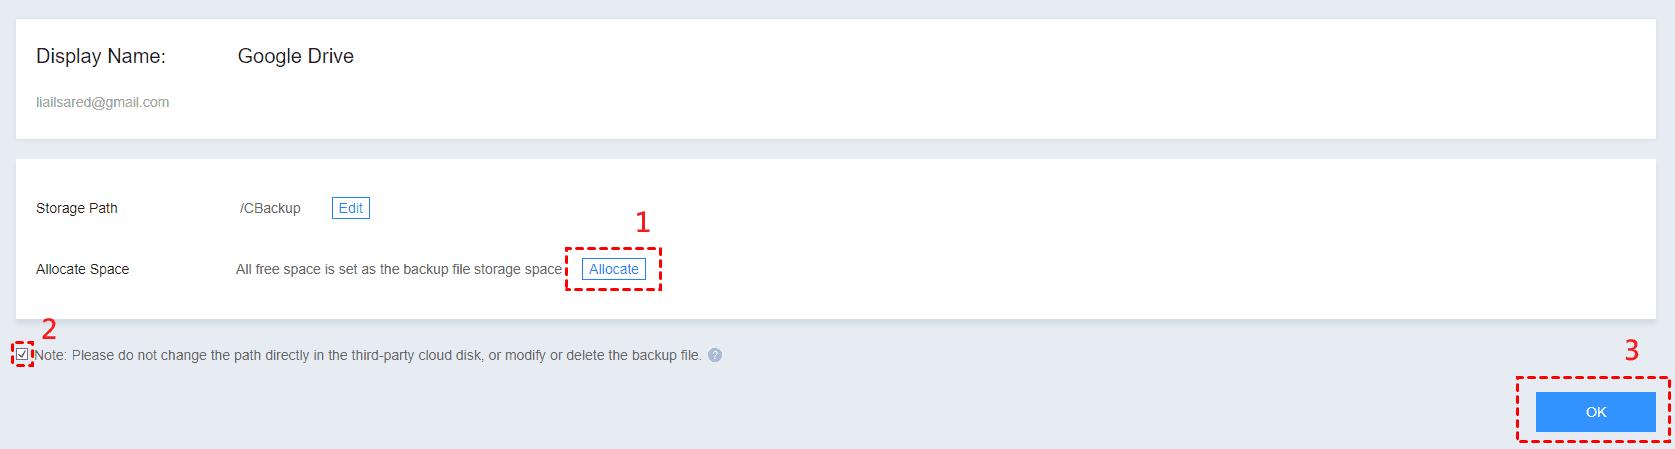 Modify Confirm